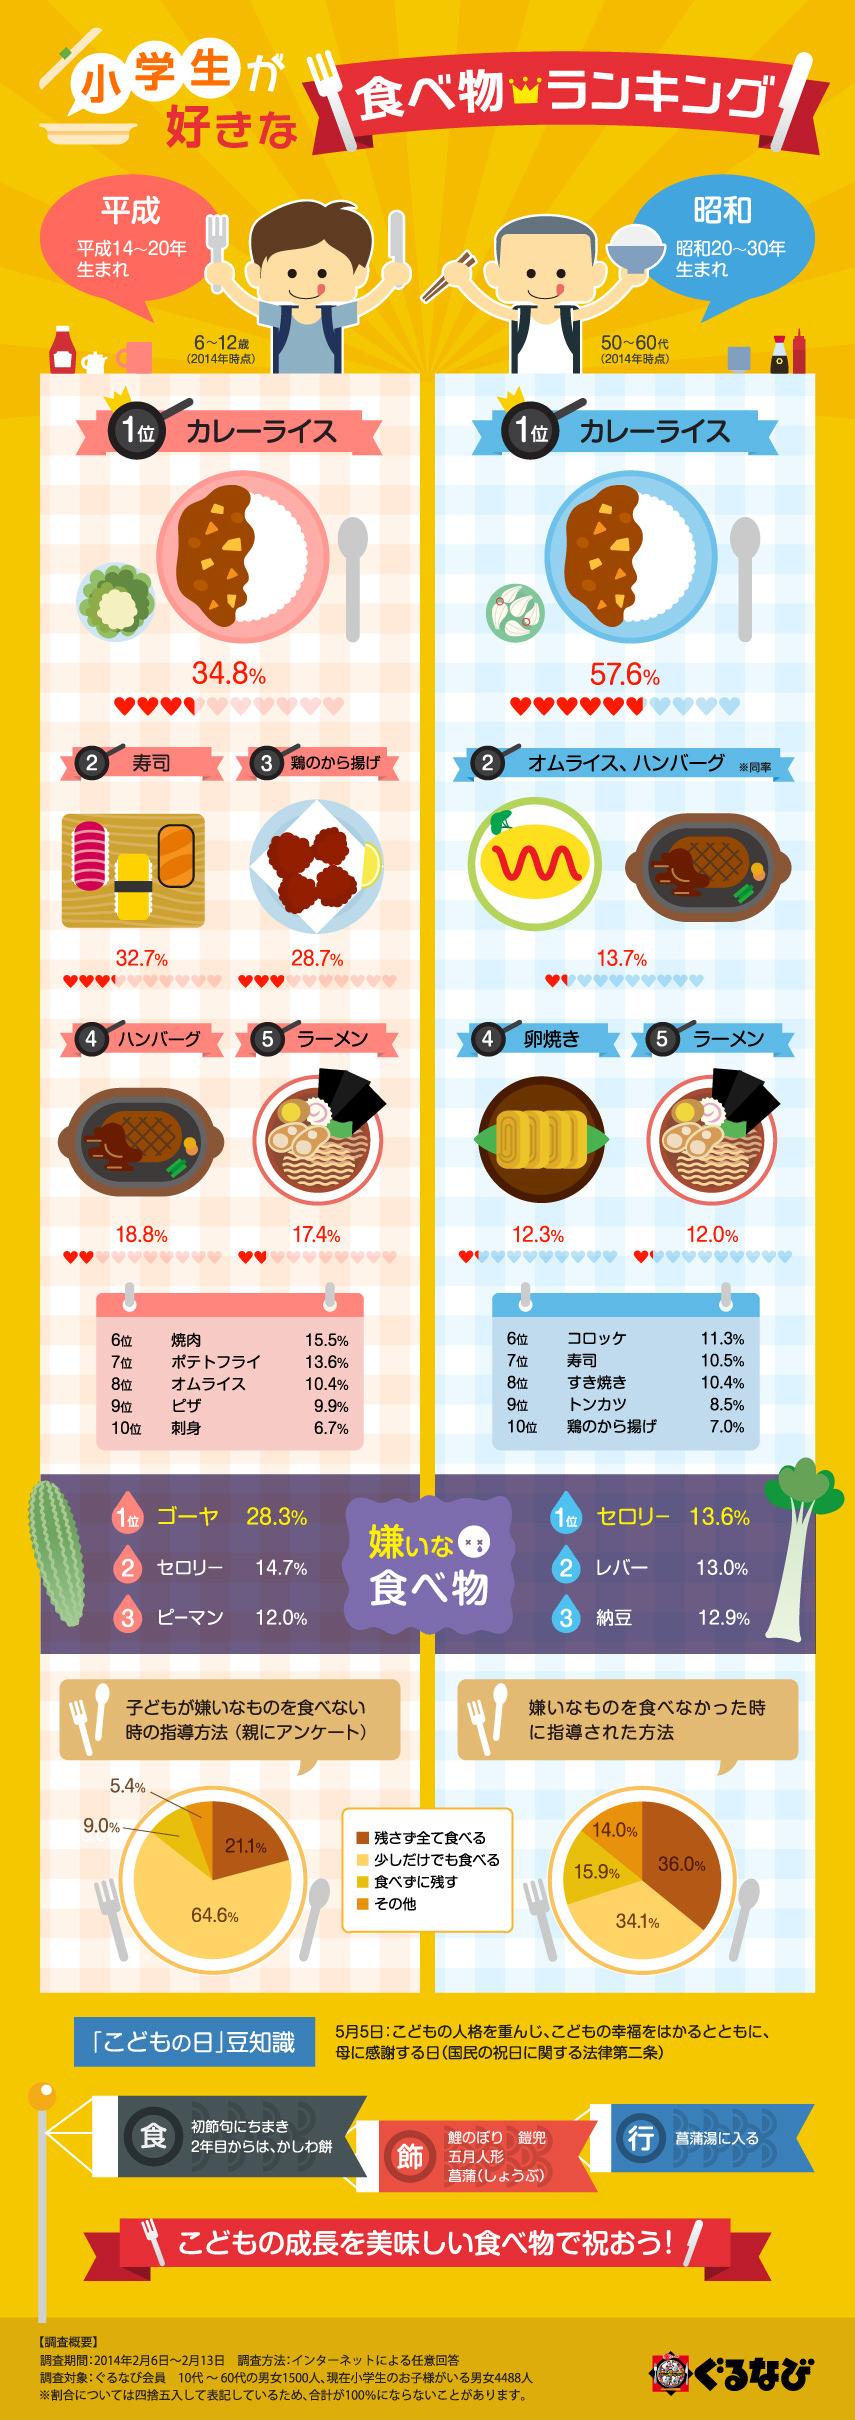 インフォグラフィック:昔(昭和)と今(平成)の子どもの好き嫌い食べ物ランキング